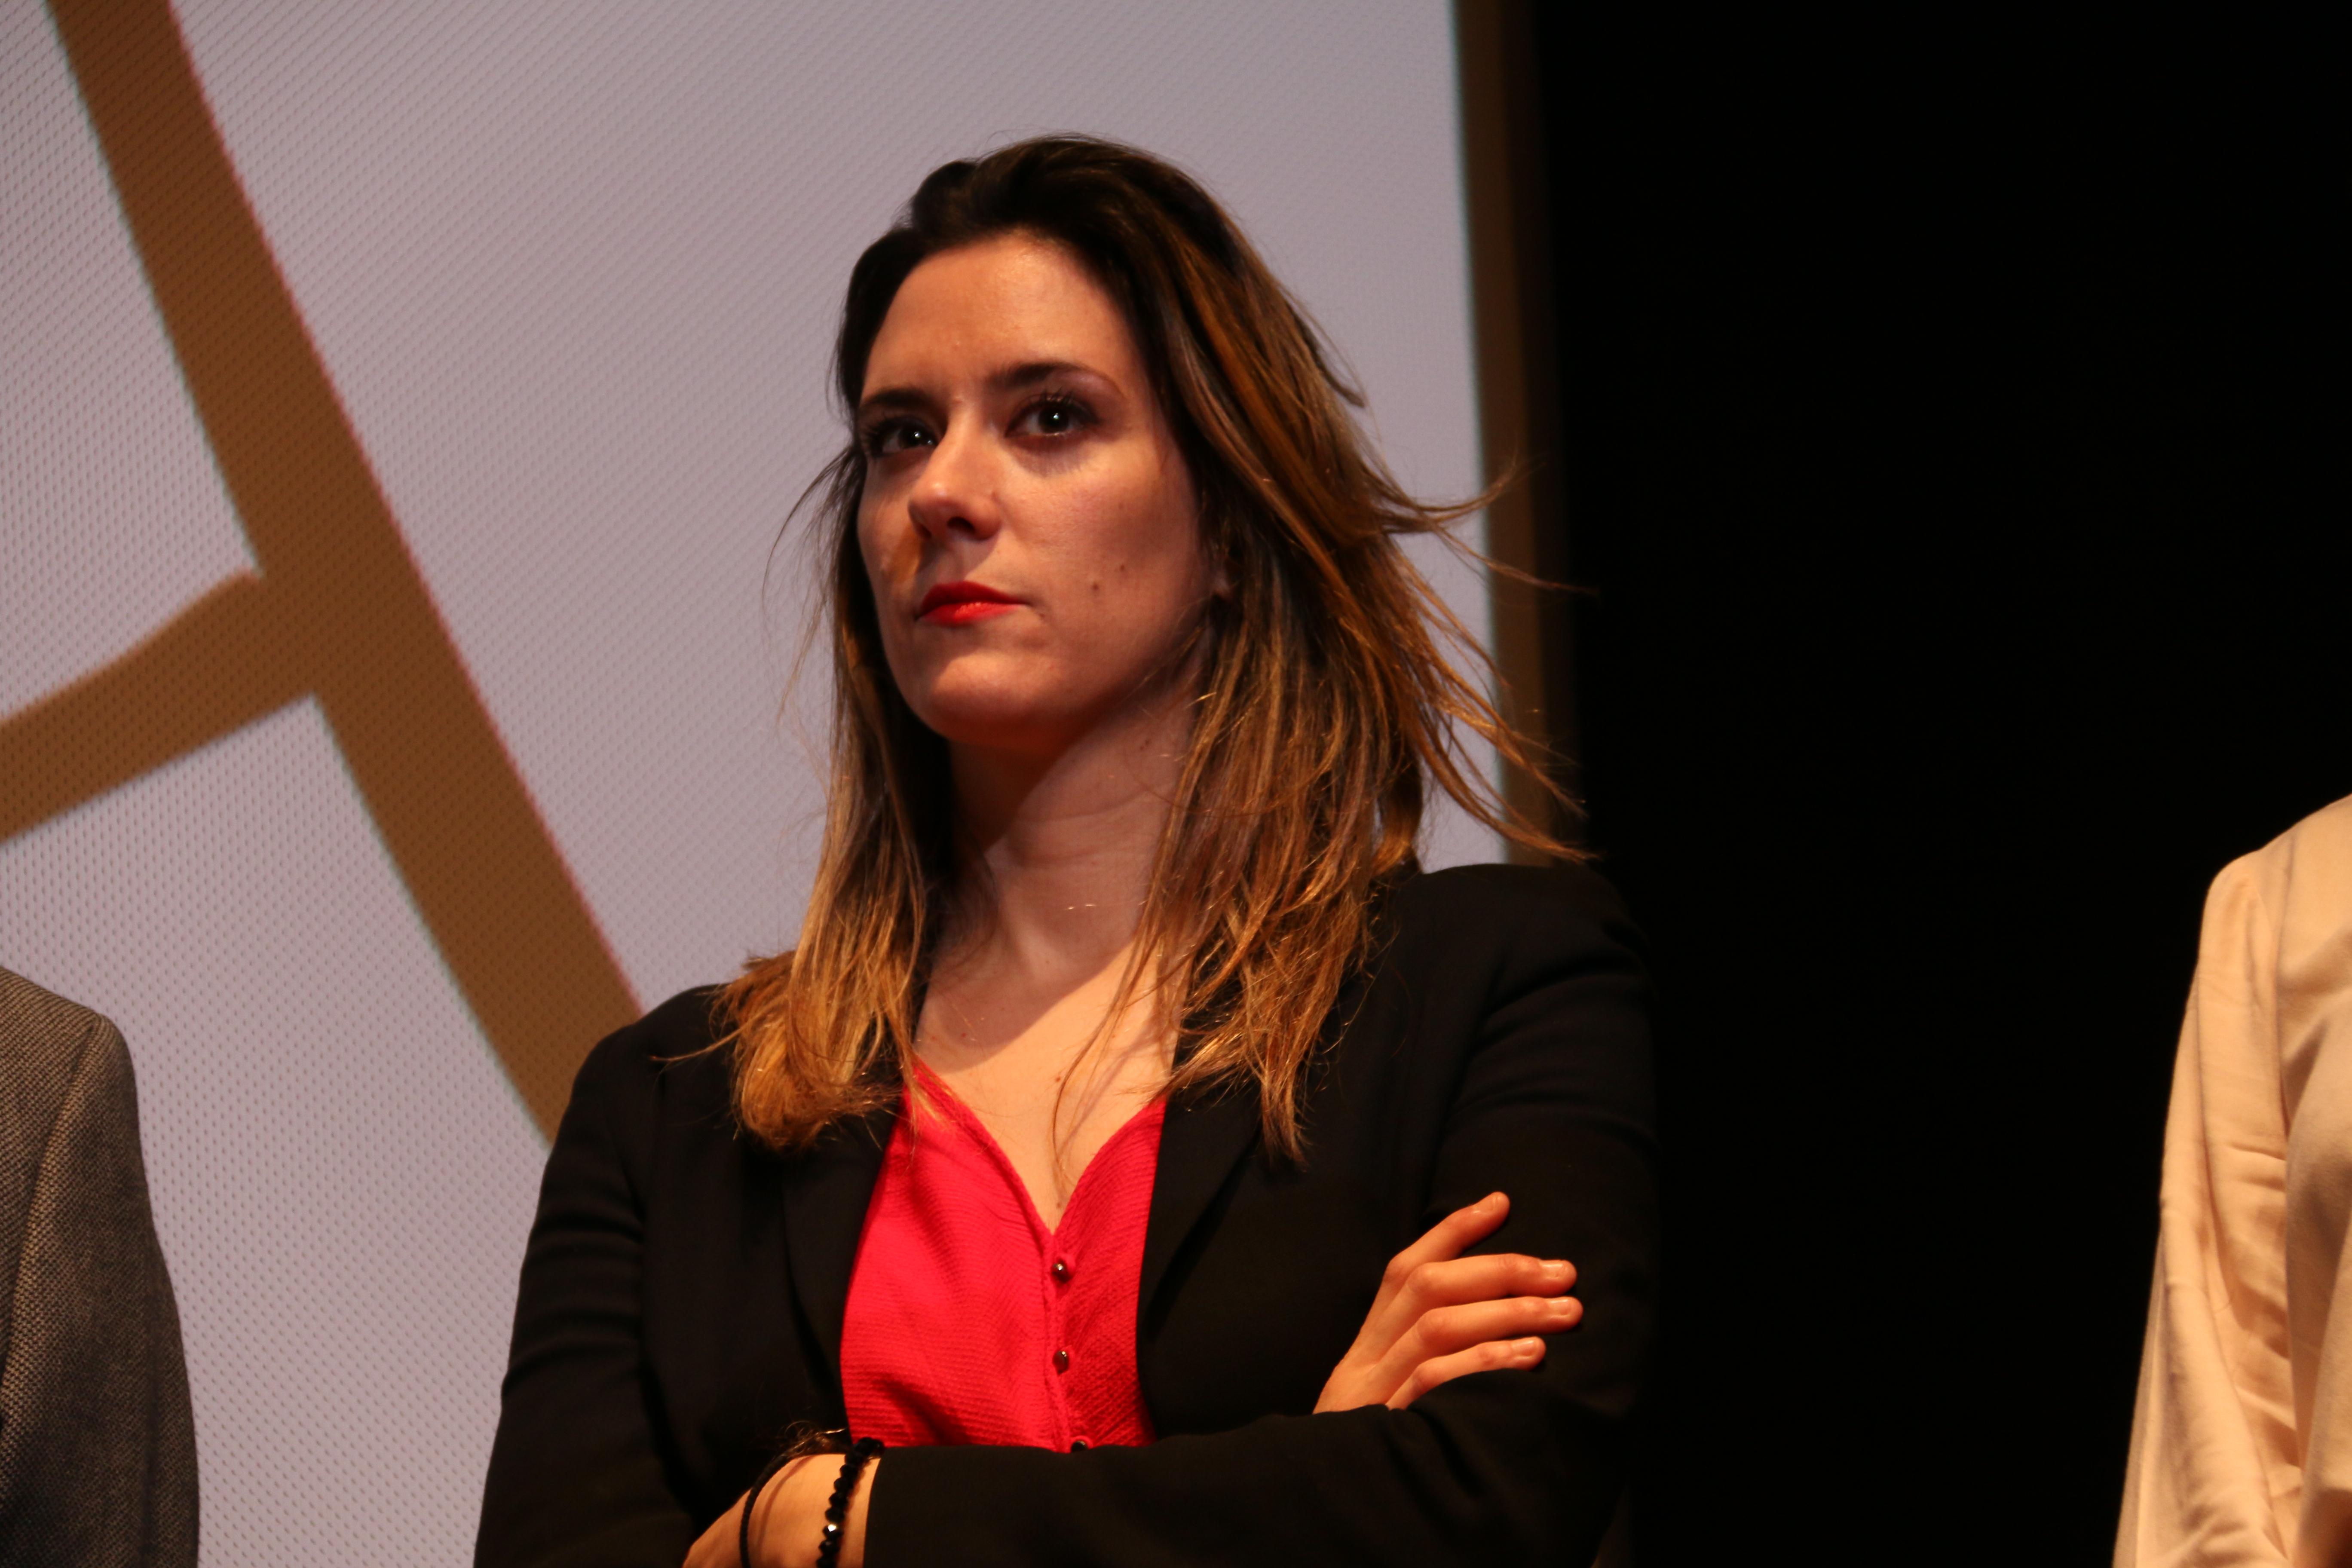 Cristina Bodelón